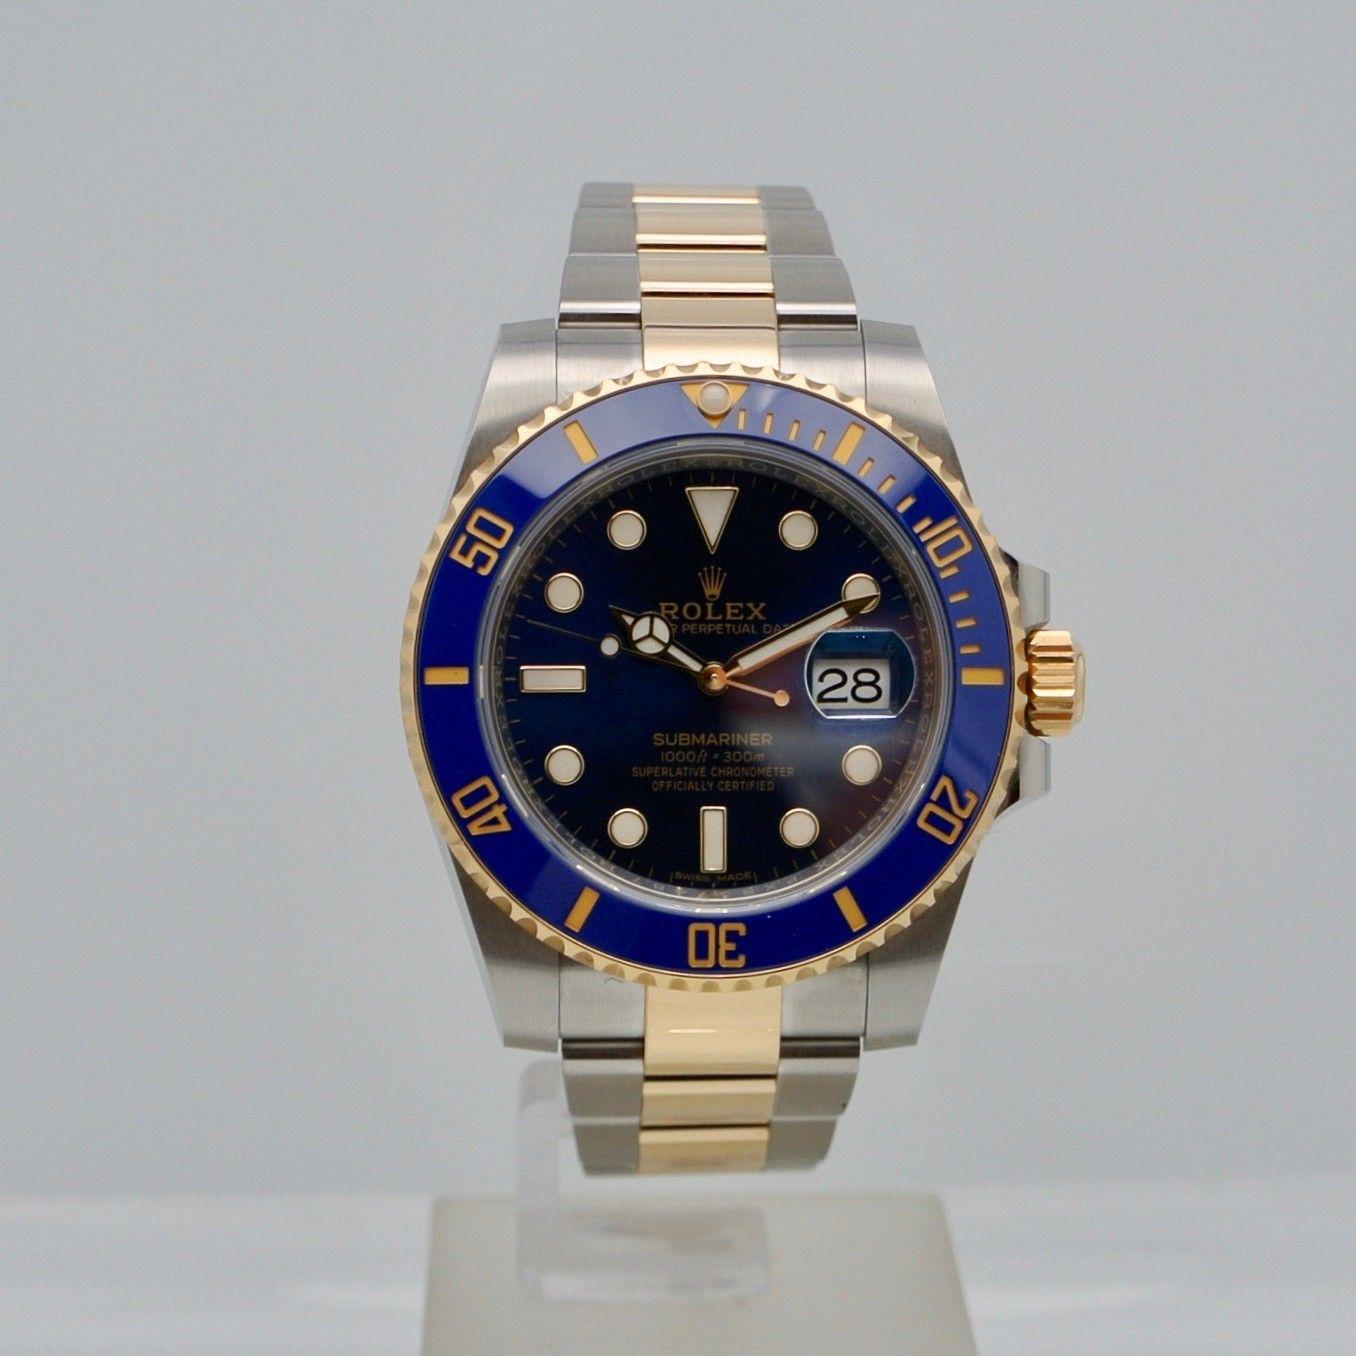 Rolex Submariner Date Blu